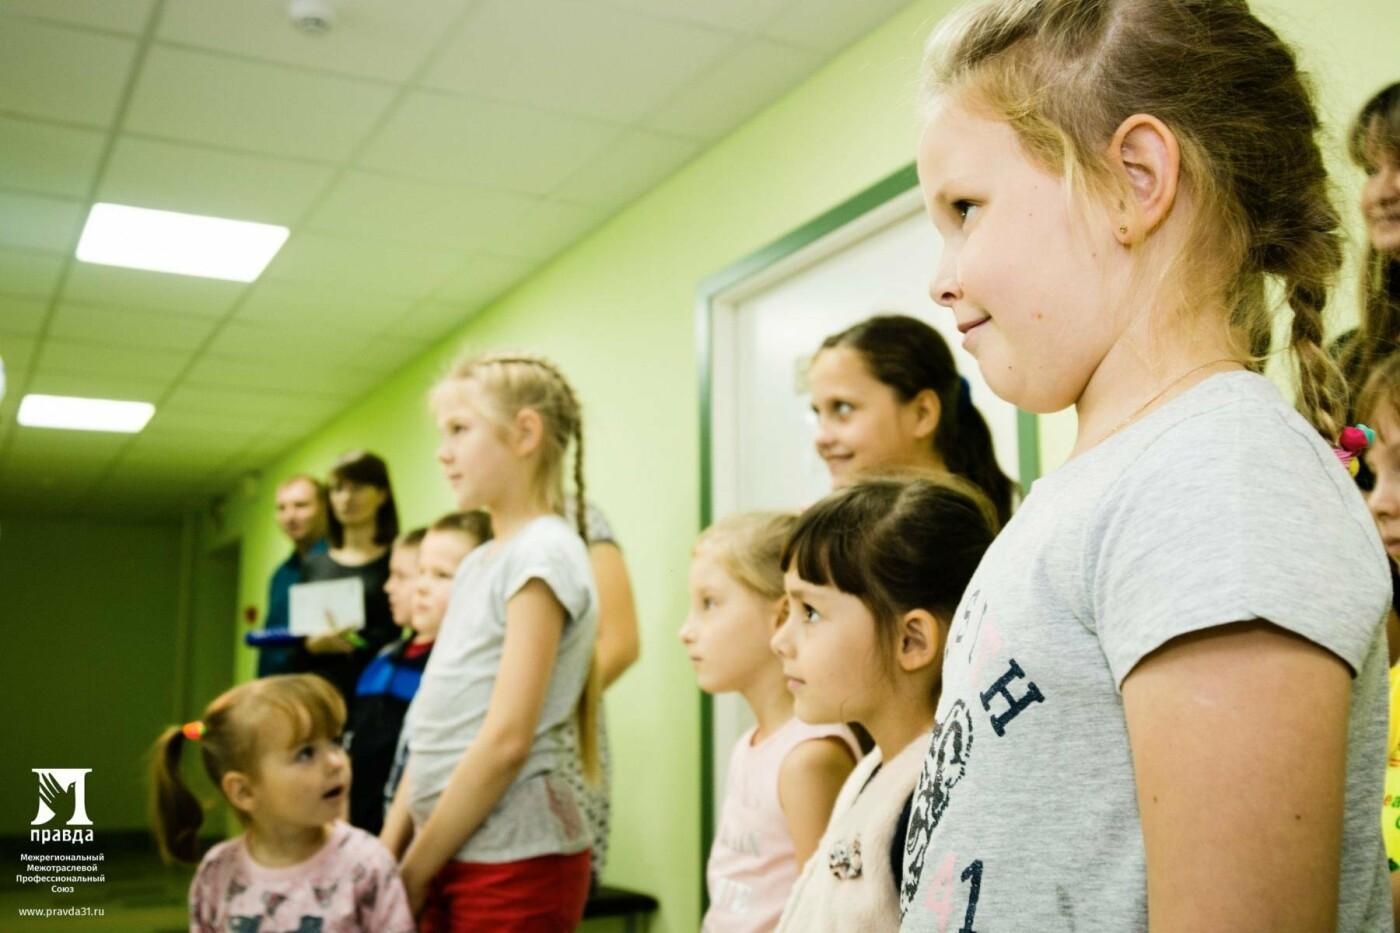 Профсоюз «Правда» подарил новый зал лечебной физкультуры пациентам детской областной клинической больницы, фото-12